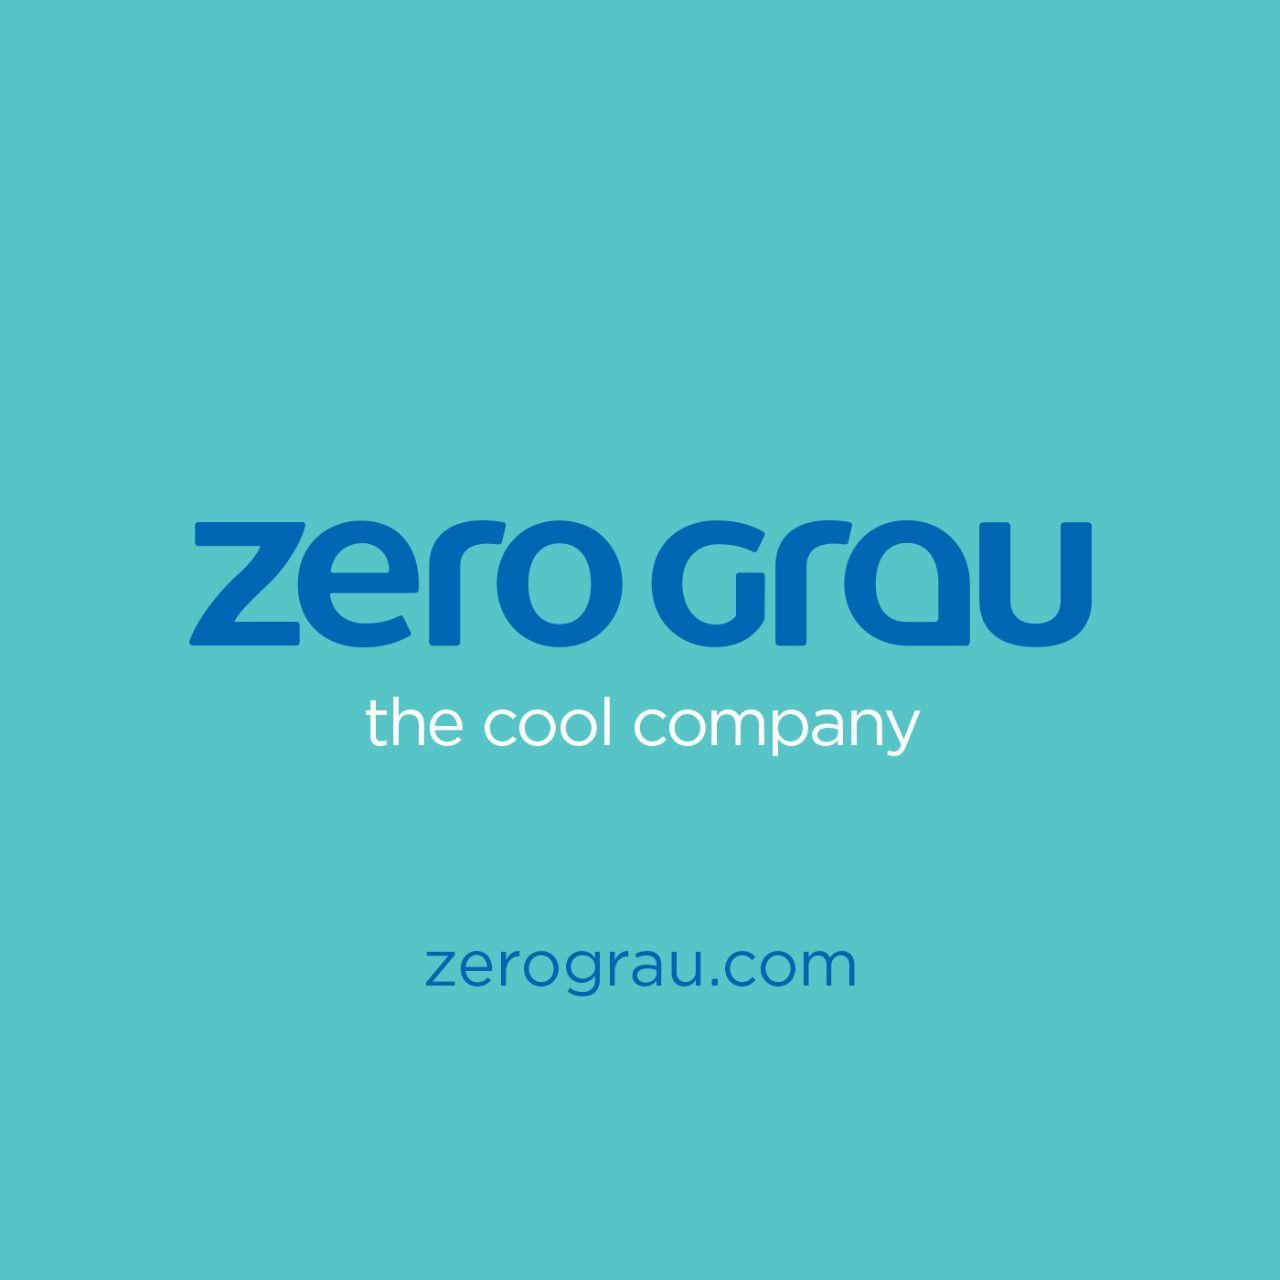 01-04 CAIXAS 360 LITROS COM LOGO + FRETE ZERO GRAU COMPRA TOTAL 4.913 EM 2X  - Zero Grau Store